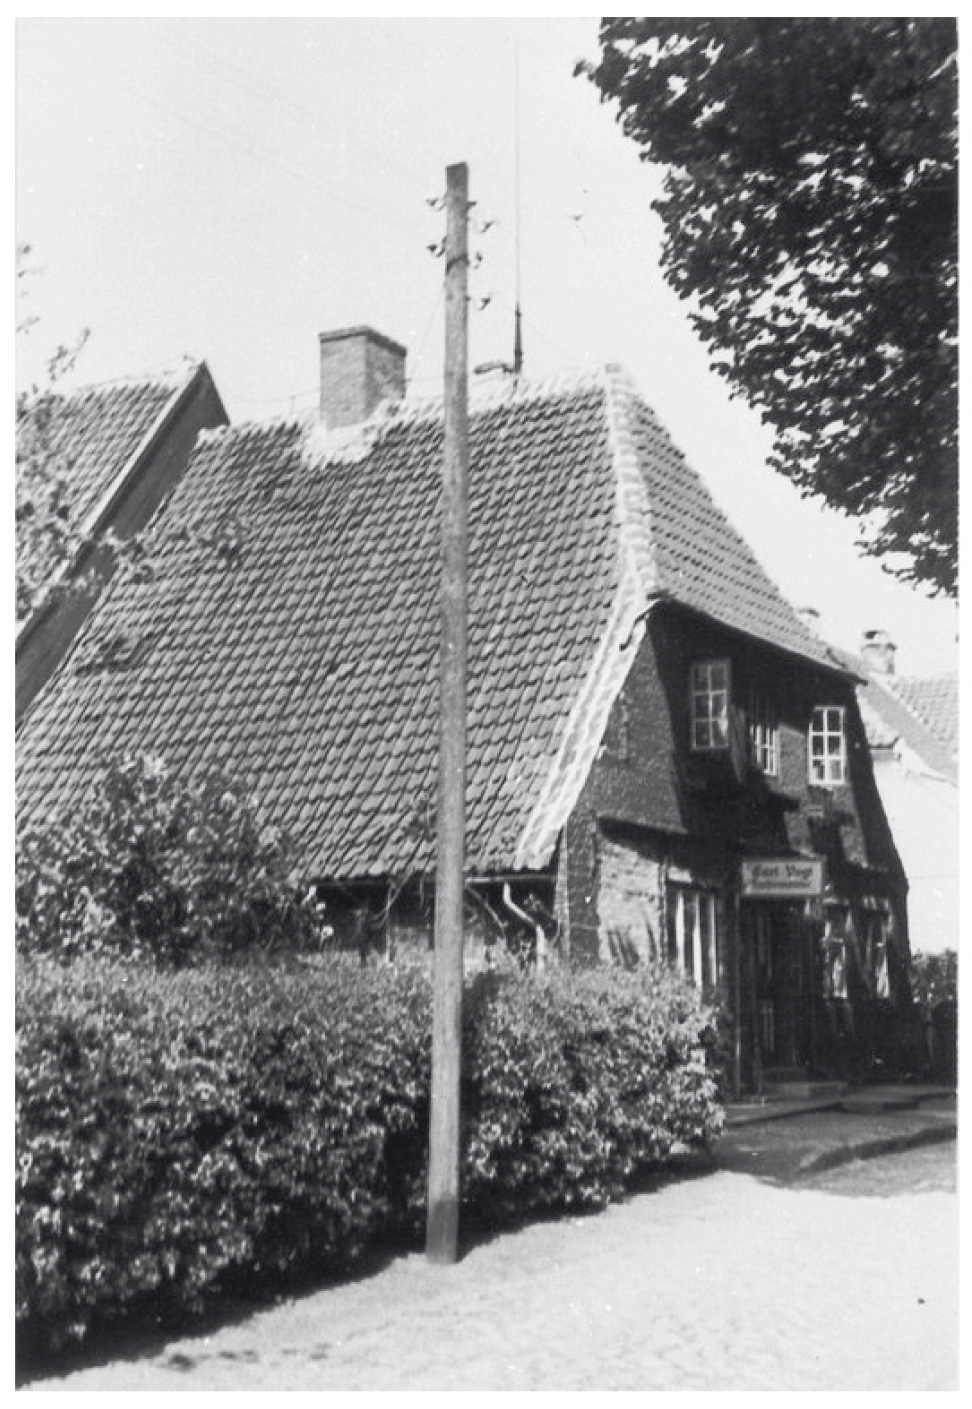 dorf_bilder/Chronik-Hennstedt-95-2.jpg